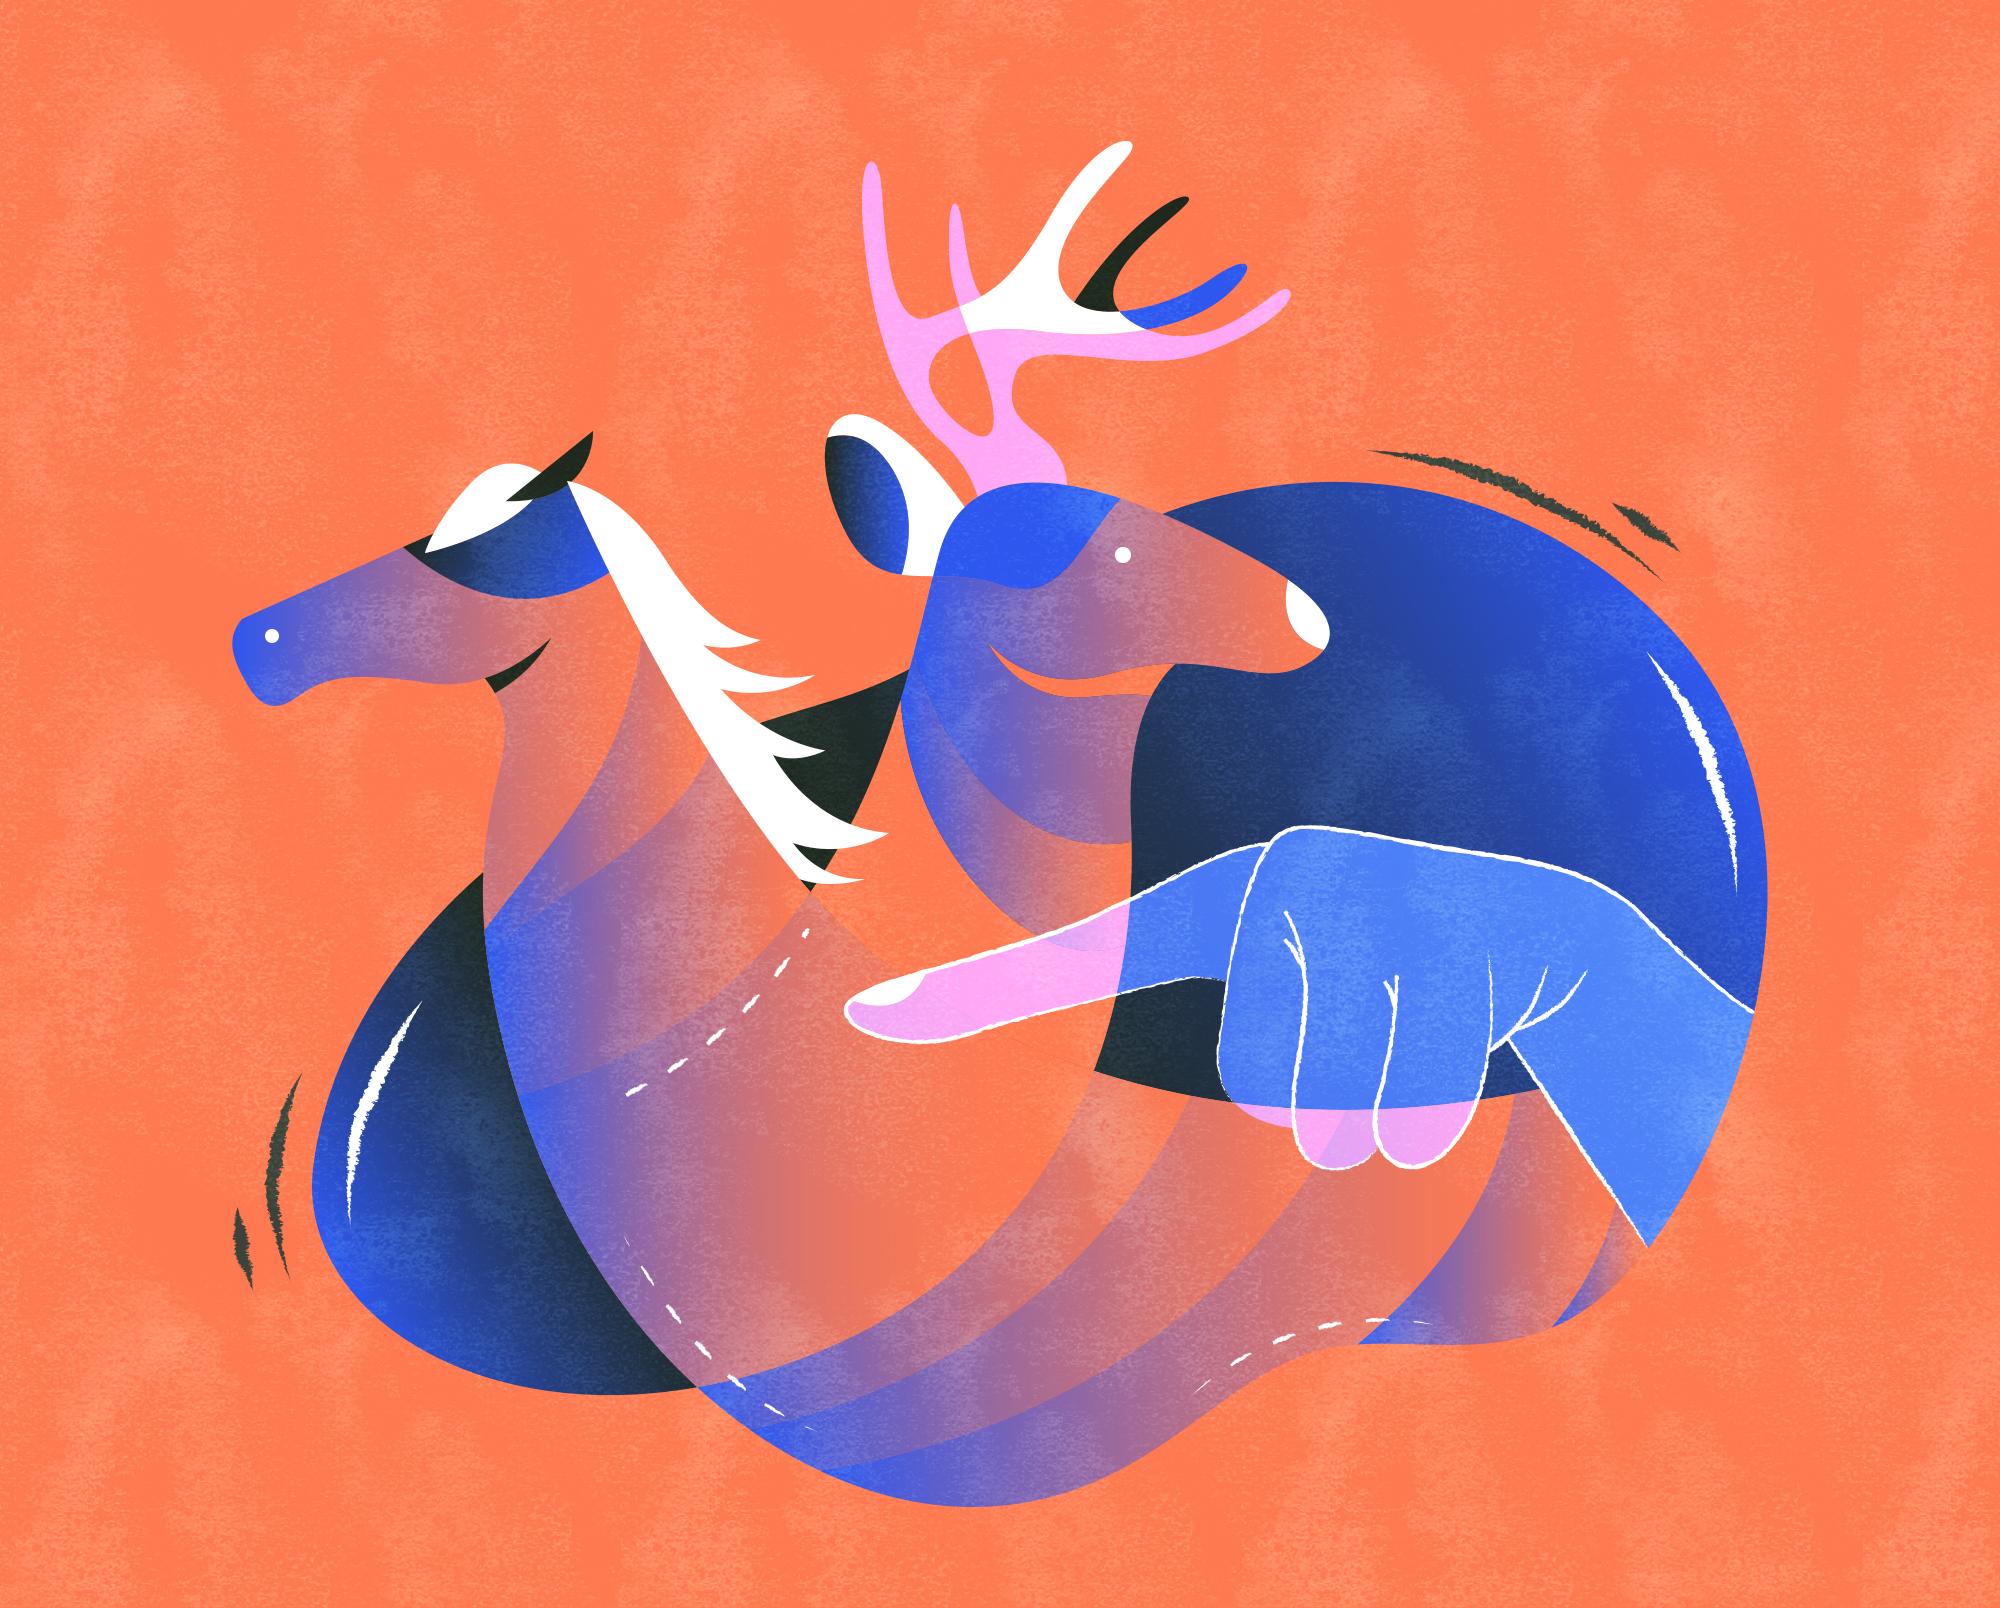 """指鹿为马 v. - """"Point to a deer, and call it a horse."""" - Deliberately distort the truth.e.g. Don't believe the decisions made by those who 指鹿为马."""